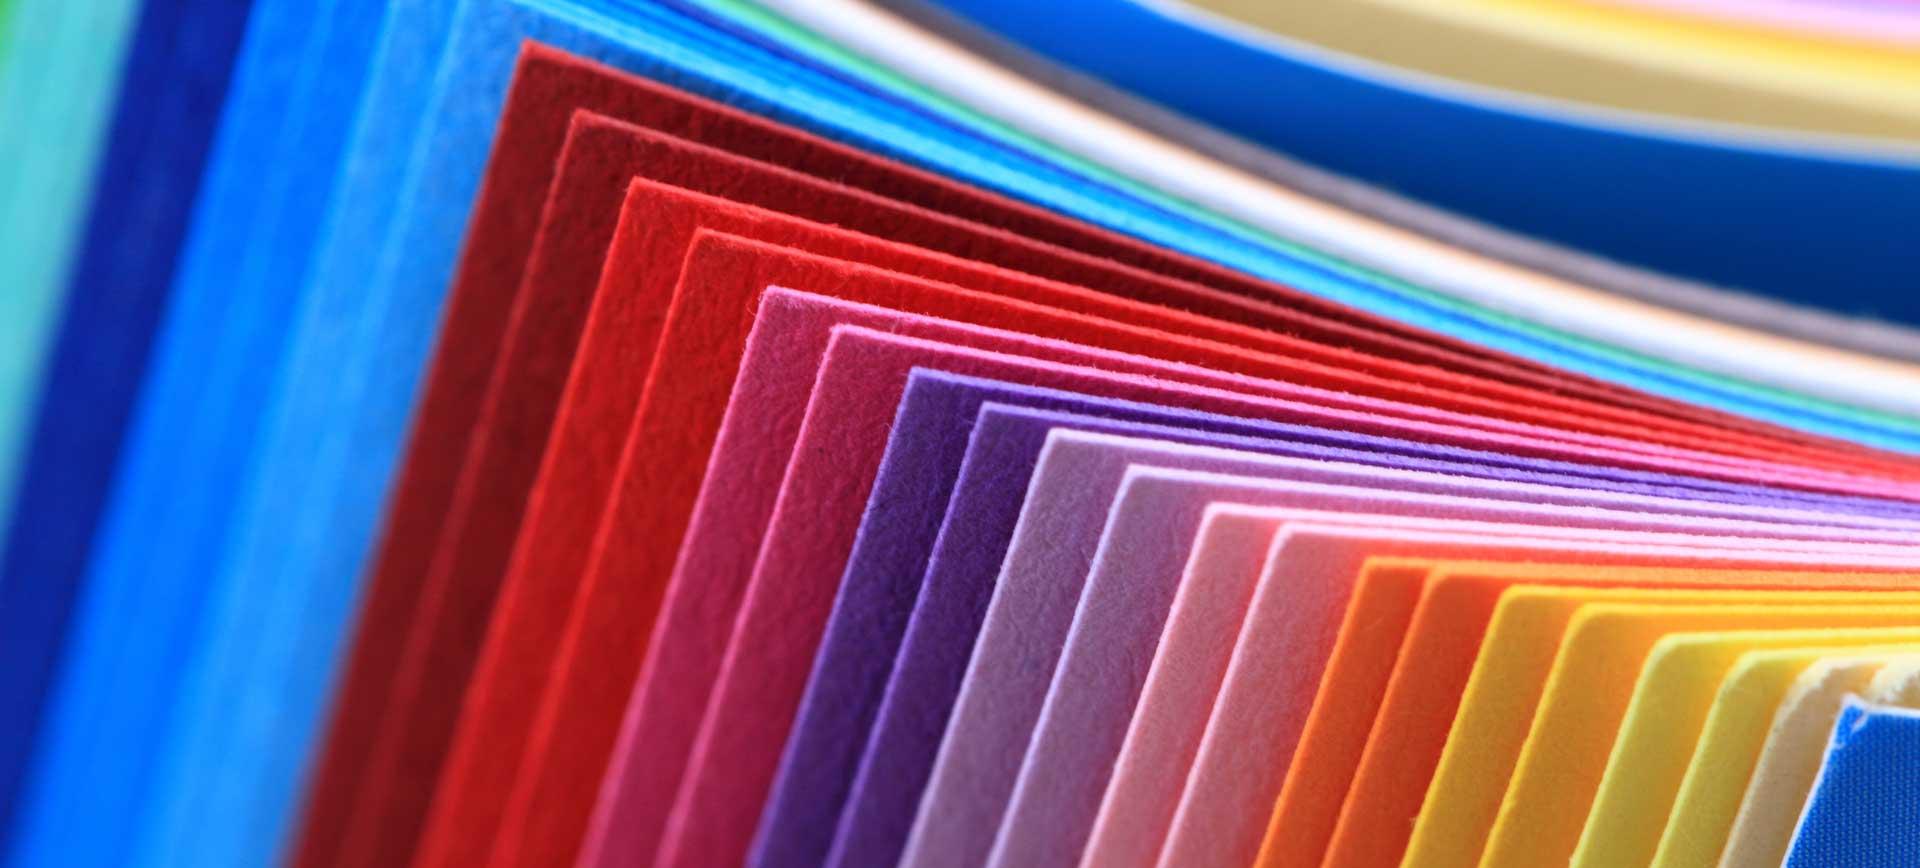 Farbliche Gestaltung Karten